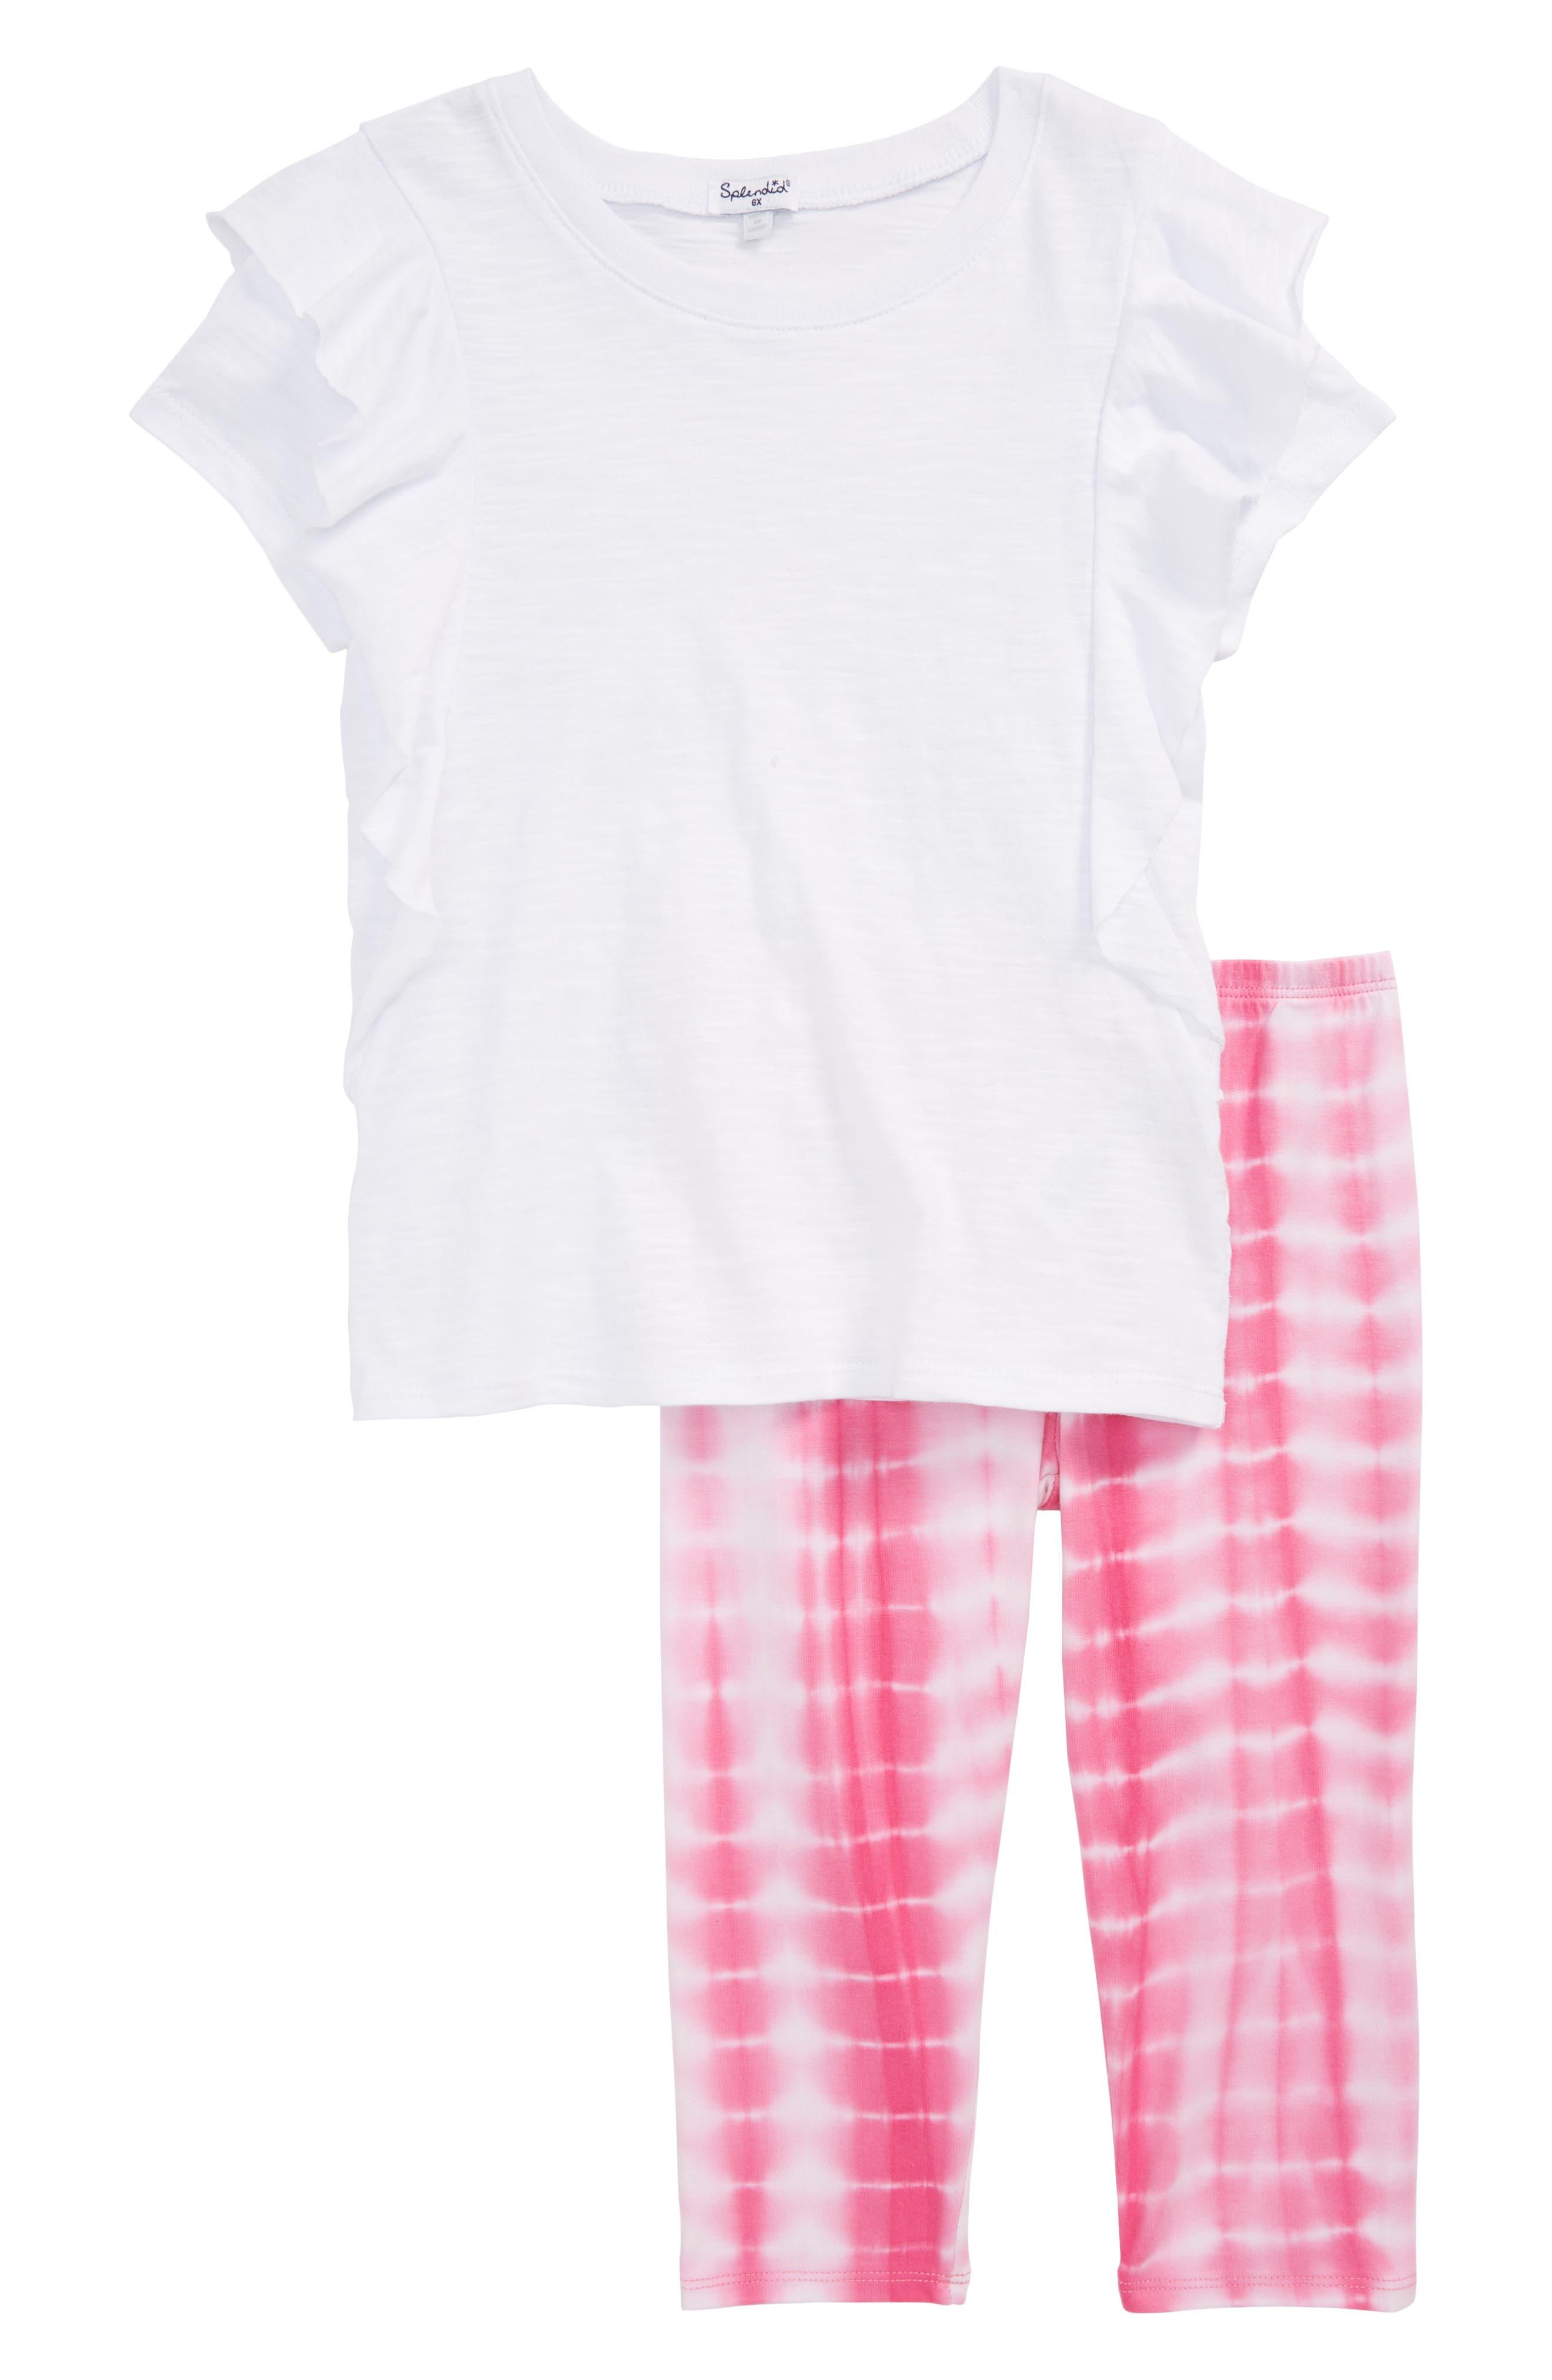 Slub Tee & Tie Dye Leggings Set,                         Main,                         color, 100